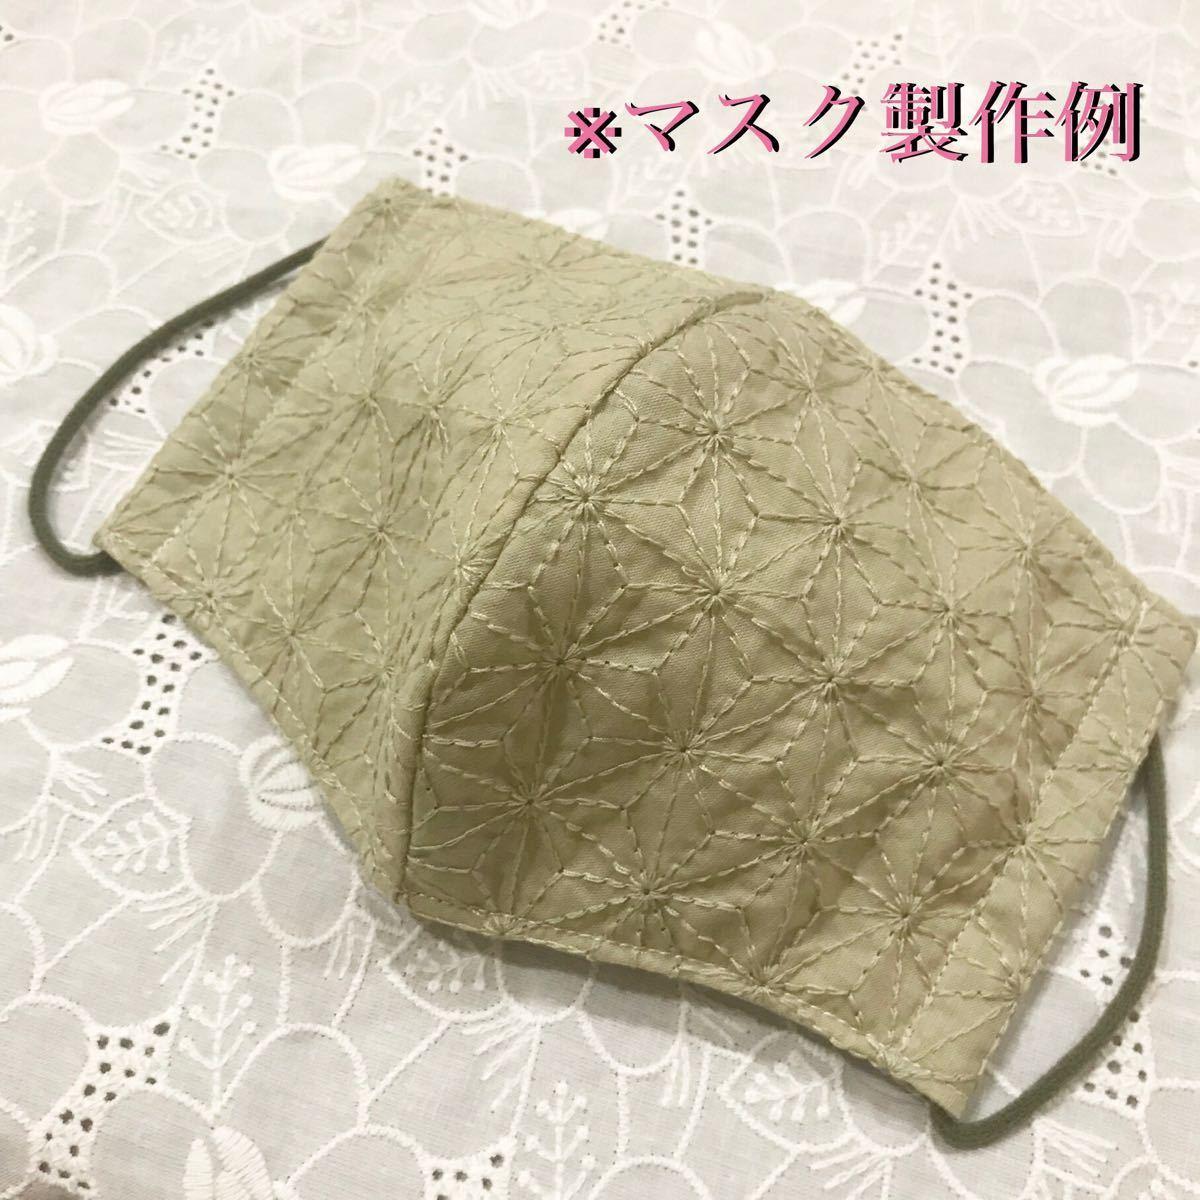 コットンレース 綿 刺繍生地 はぎれセット 鬼滅の刃 麻の葉 ハンドメイド 布